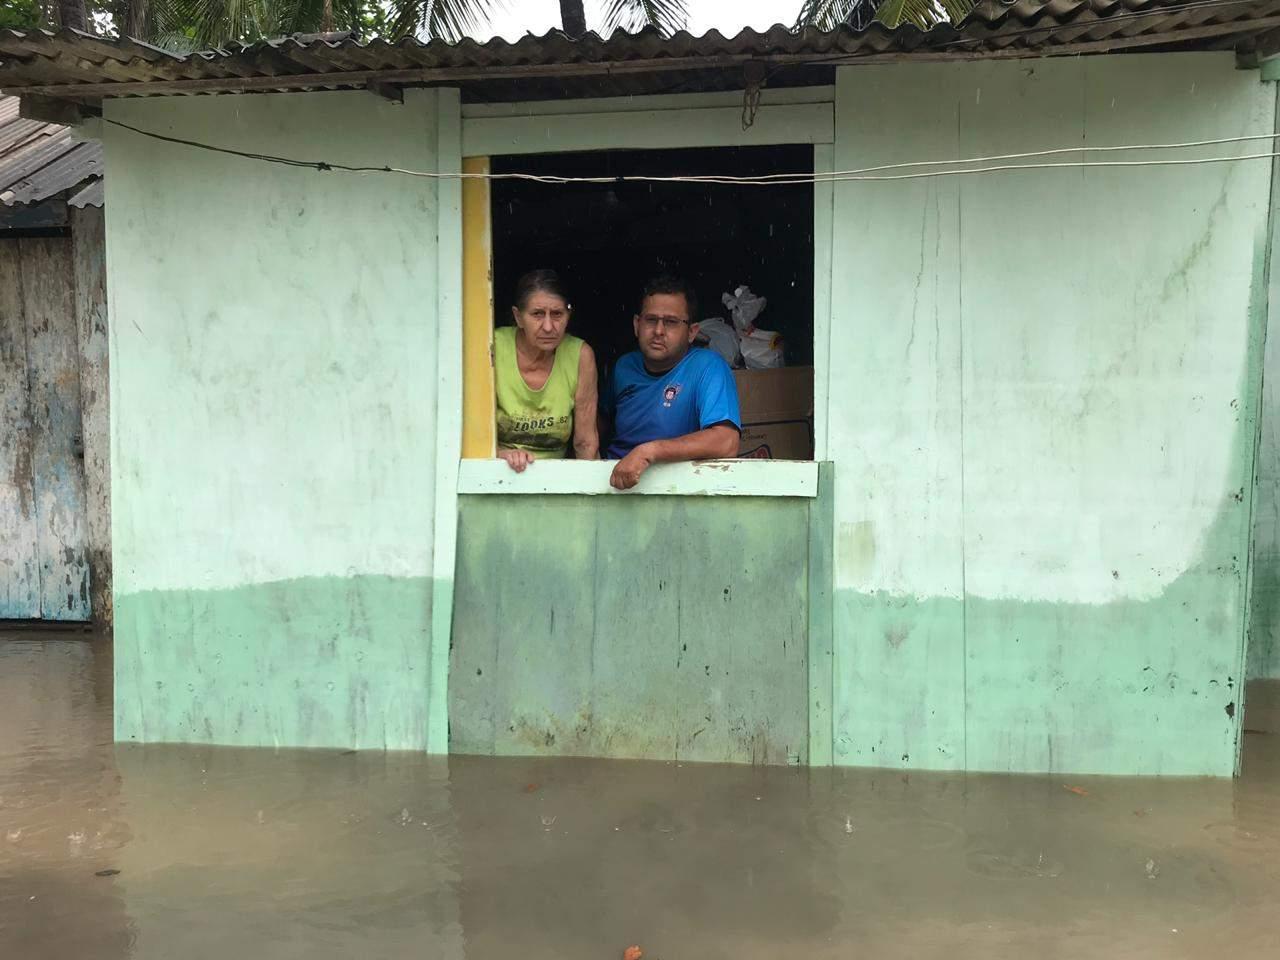 'Fazer o que? Não tem para onde ir', desabafa moradora de Cariacica sobre alagamentos - Jornal Folha Vitória